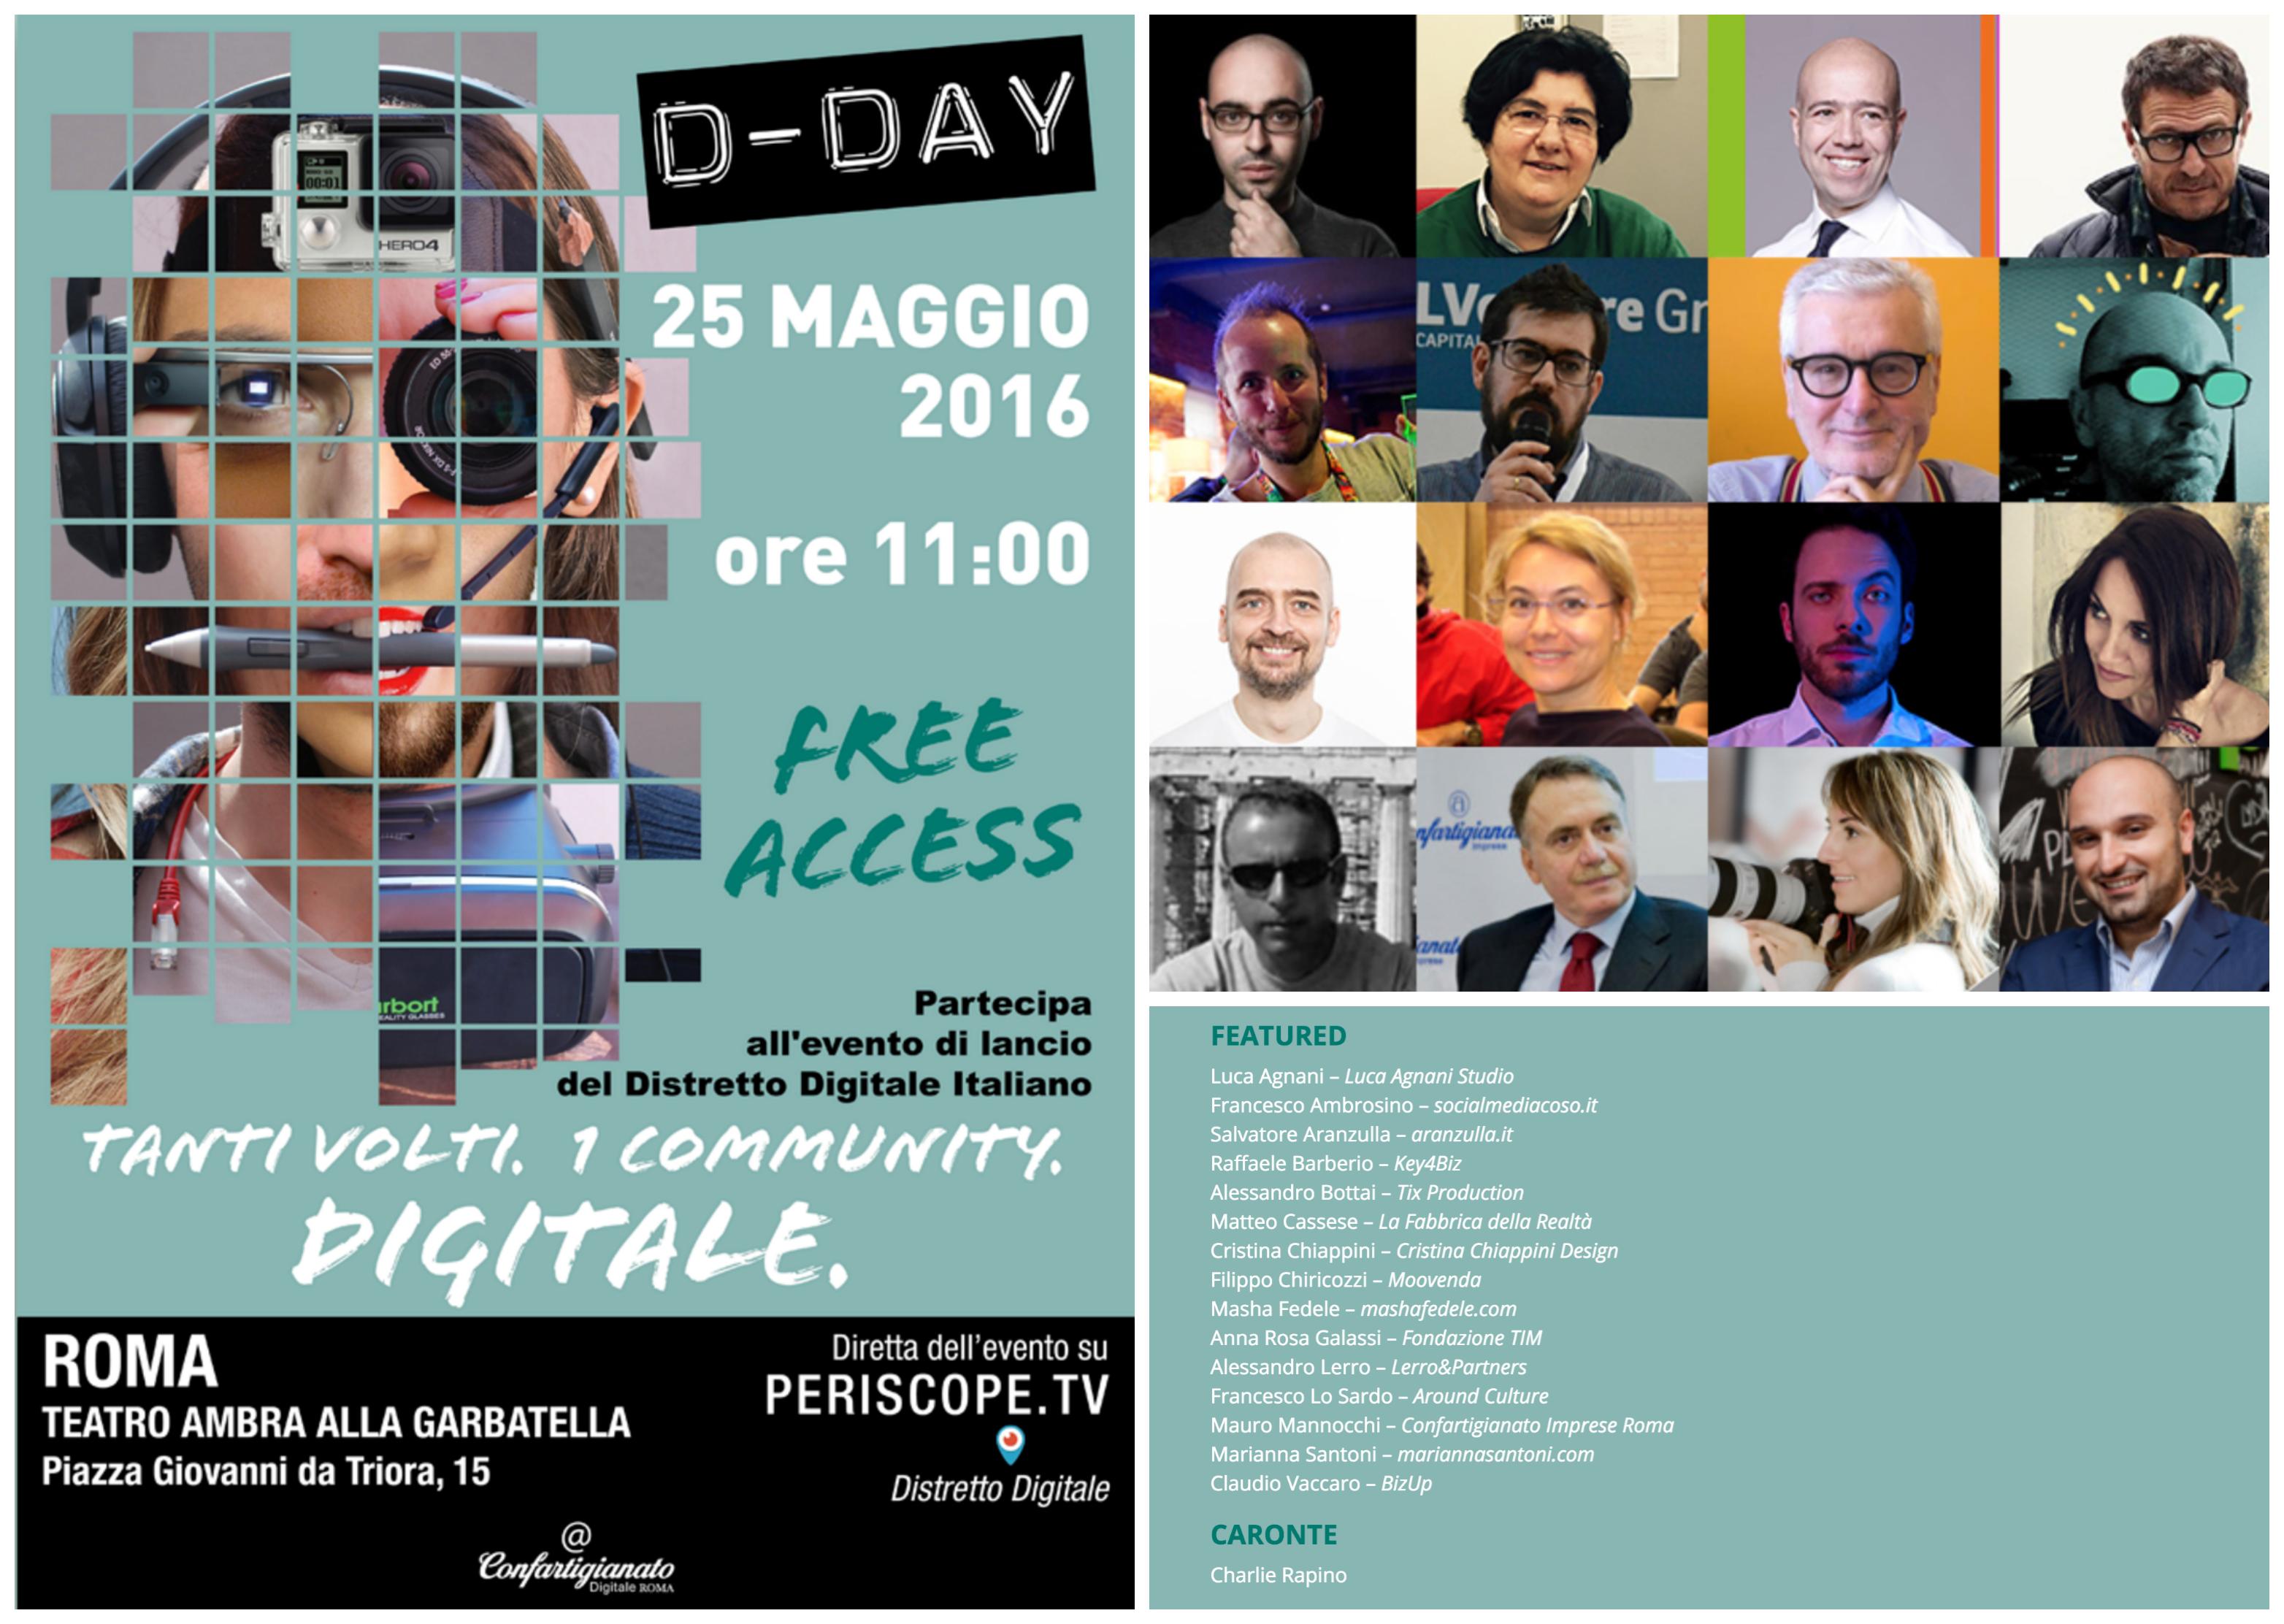 D-DAY ROMA 25 Maggio 2015 — Confartigianato Digitale